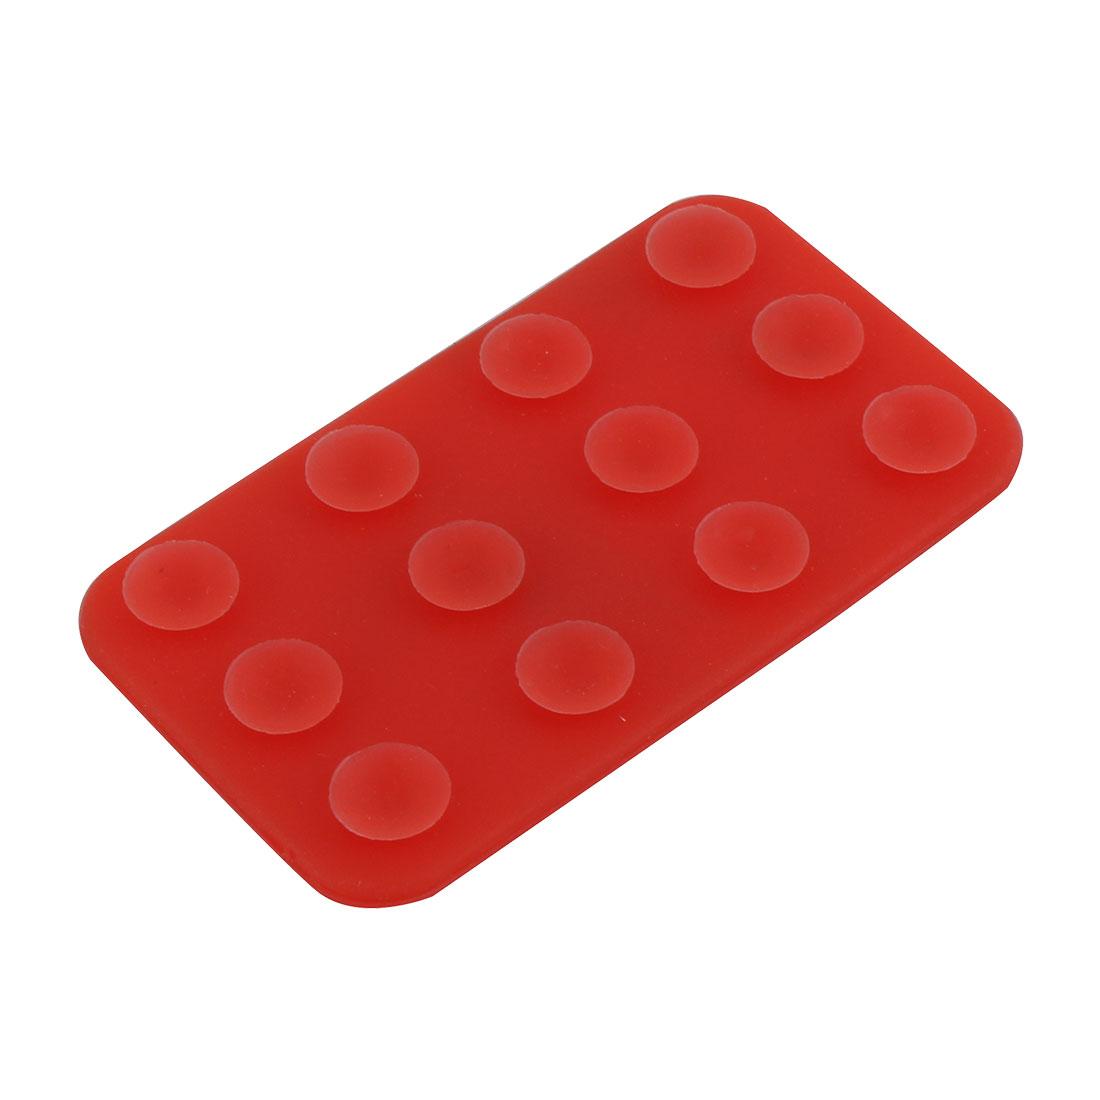 Mobile Phone Nonslip Dual Side Sucker Rectangle Mat Anti-slip Holder Red